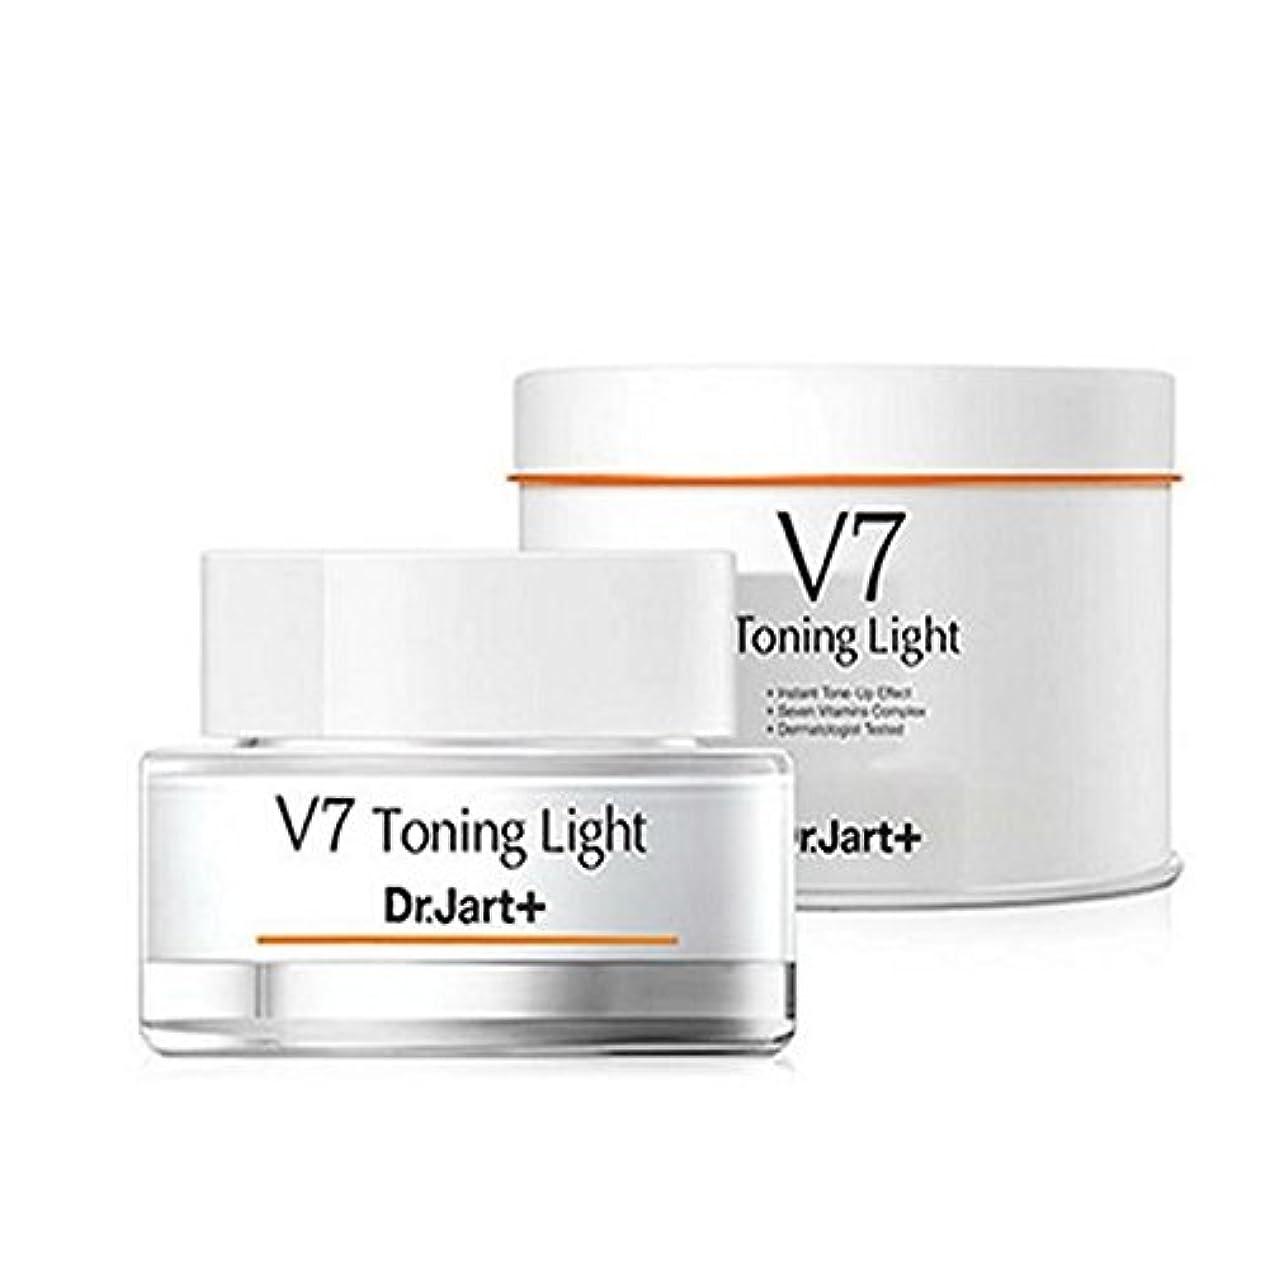 人気作動する導体Dr. Jart /ドクタージャルト V7 トーニングライト/V7 Toning Lihgt 50ml/100% Authentic direct from Korea [並行輸入品]